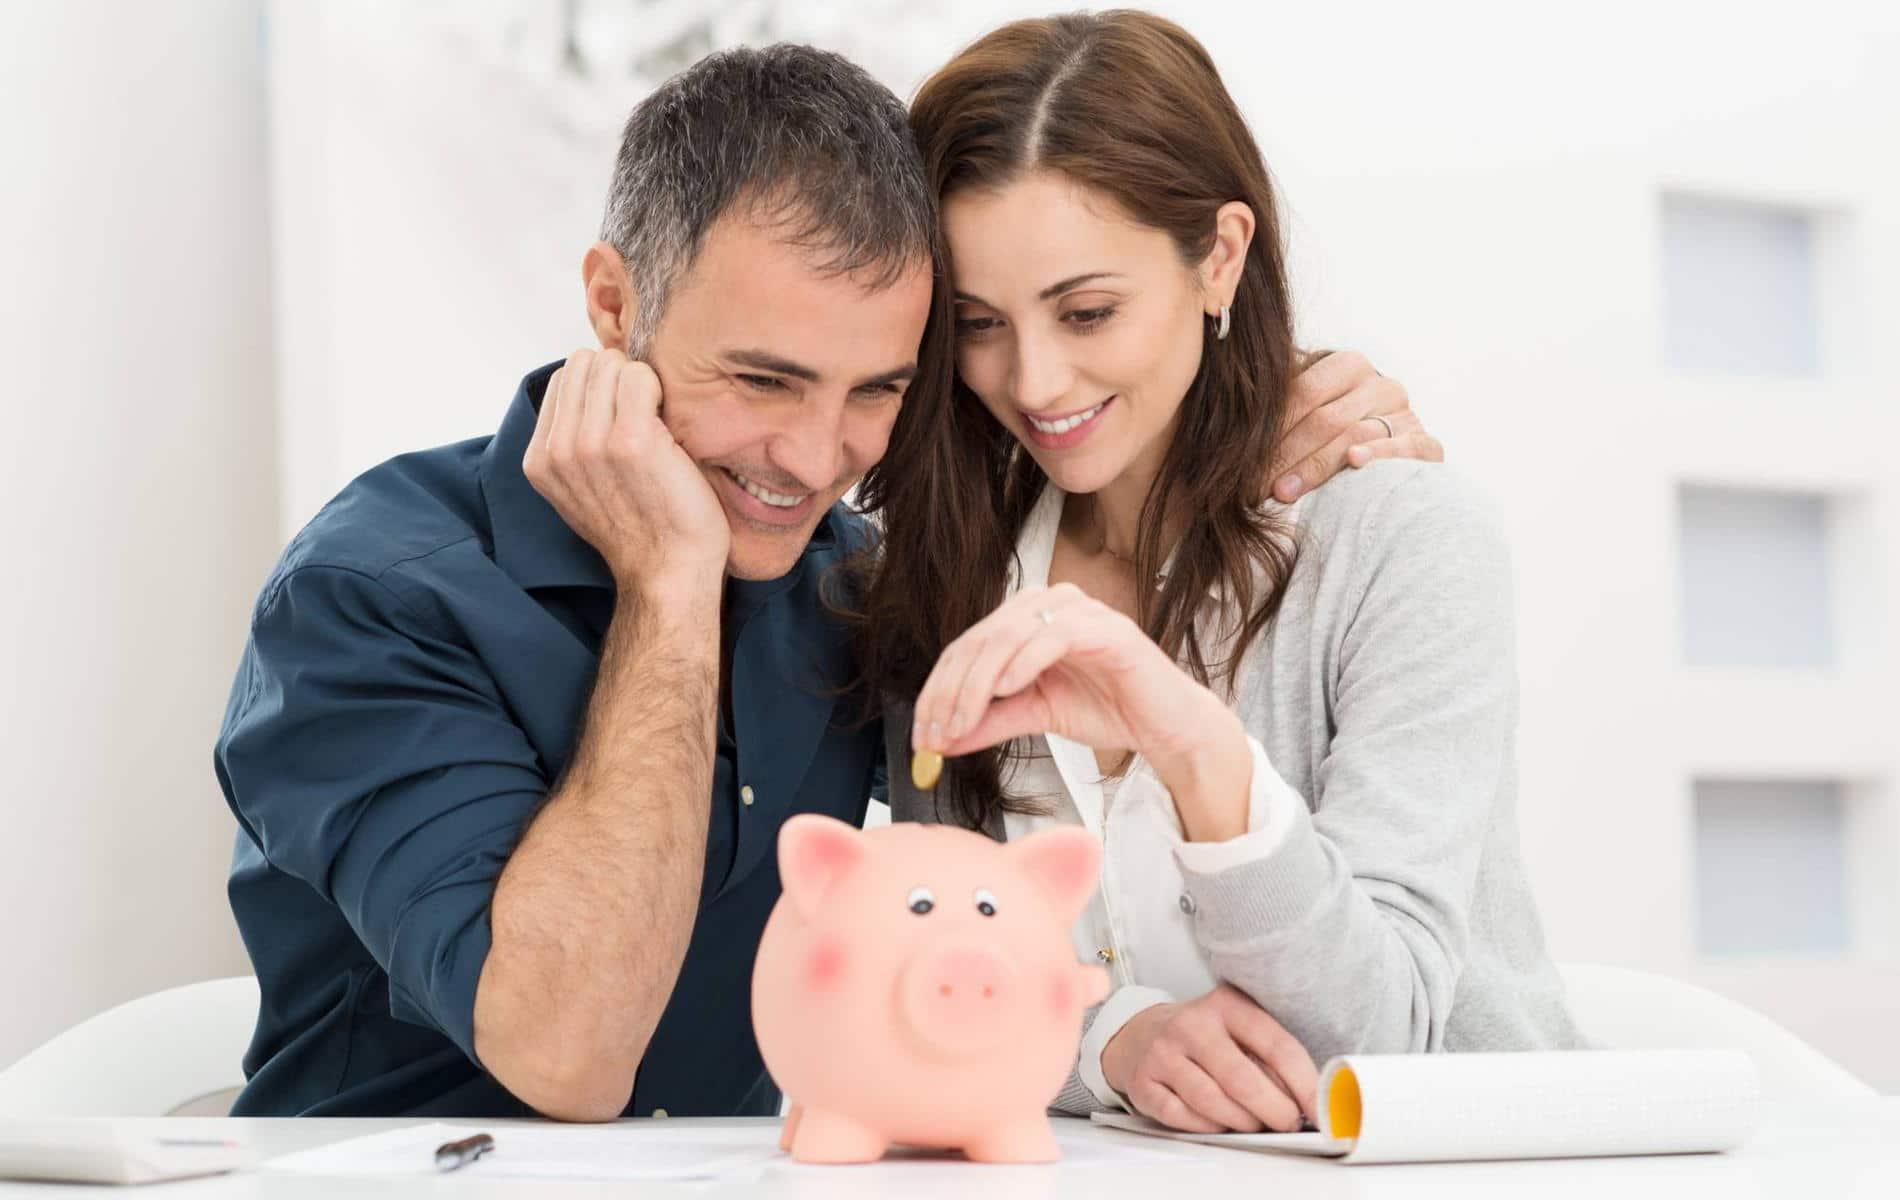 Как разговаривать с супругом о деньгах и эффективно управлять семейным бюджетом